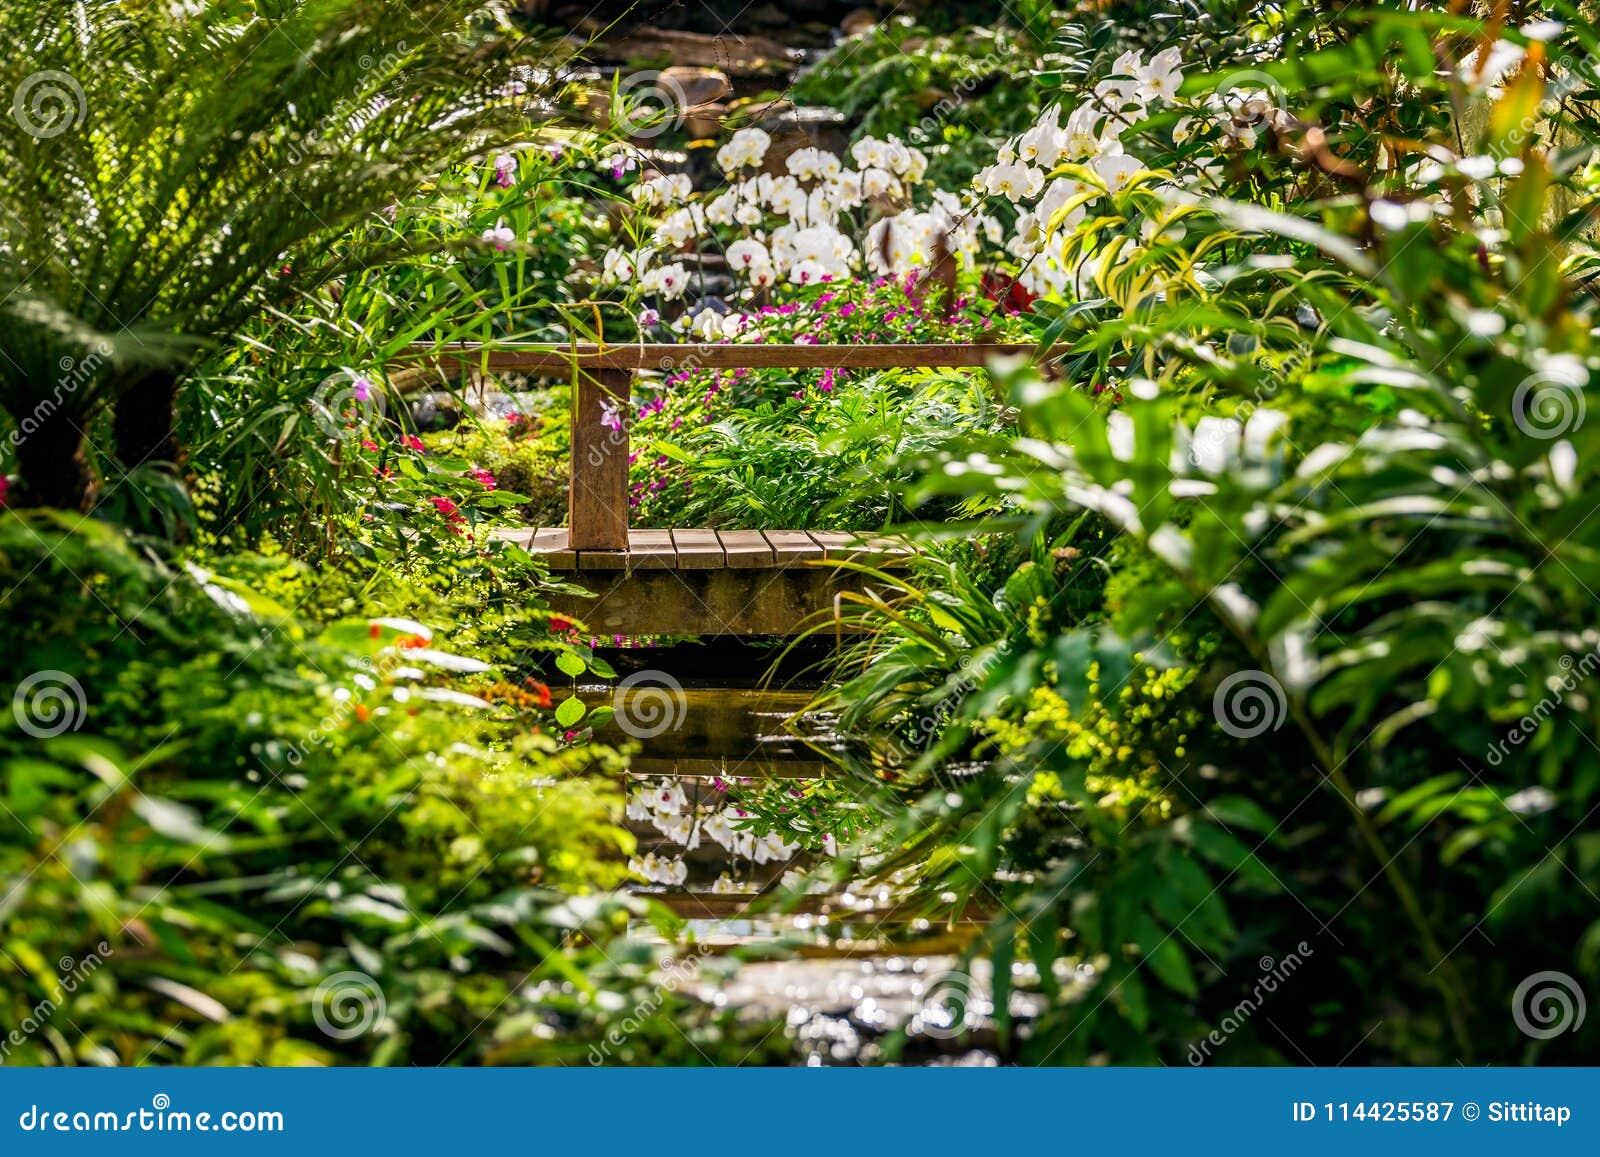 兰花庭院仿制雨林